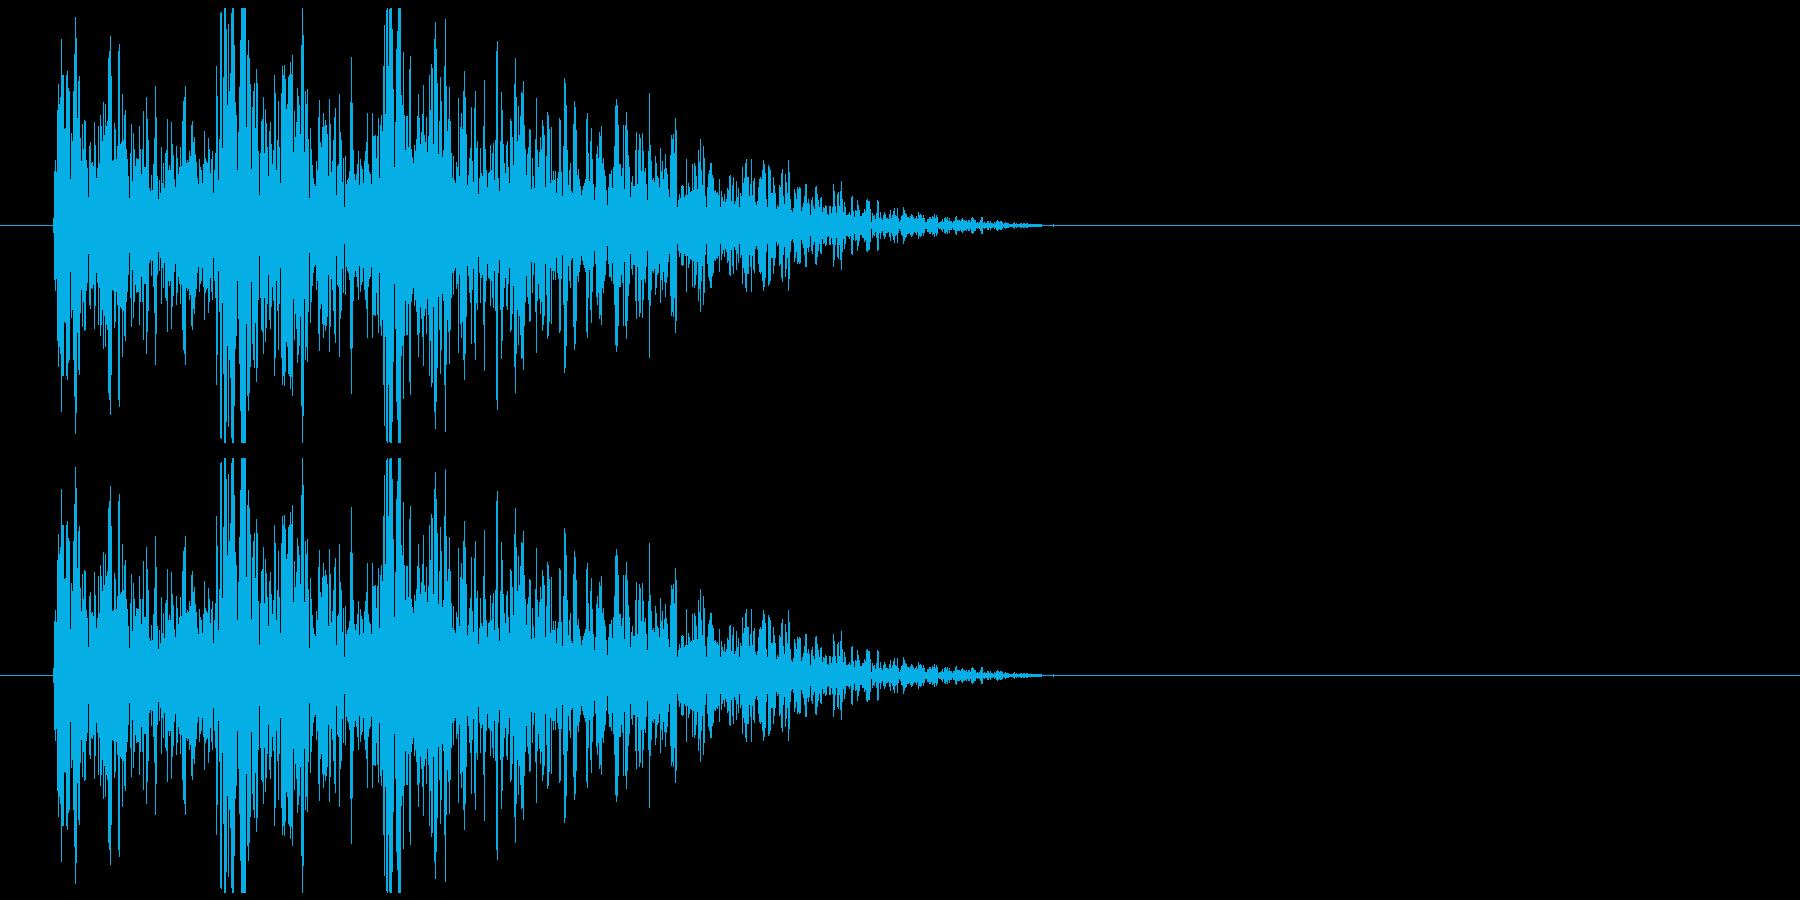 デデデン!クイズ出題 商品、人物紹介音の再生済みの波形